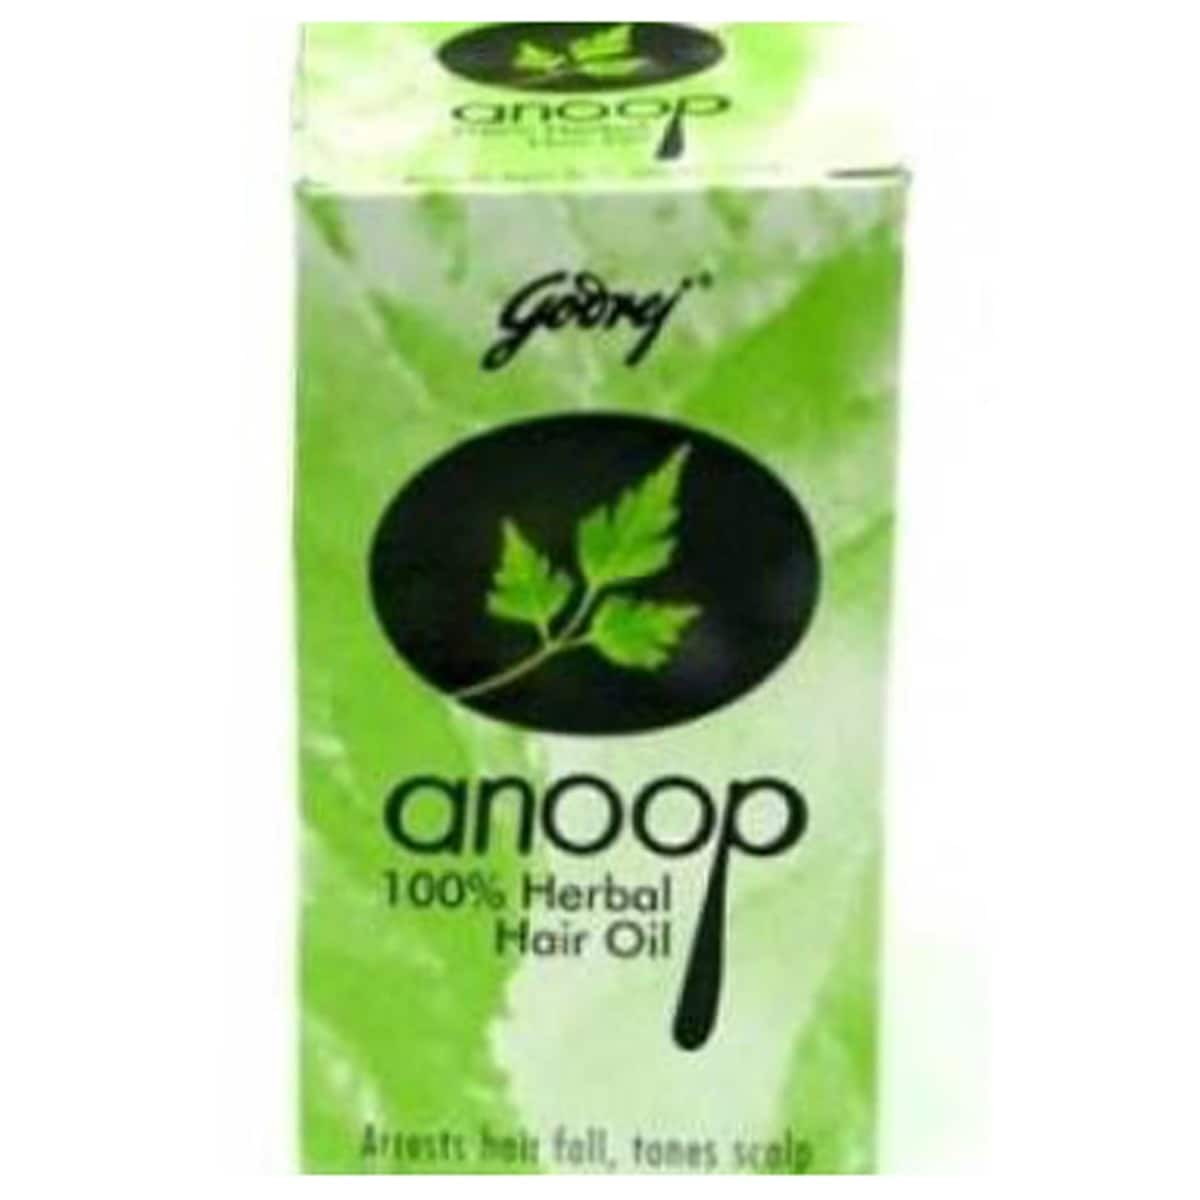 Godrej Anoop Herbal Hair Oil, 50 ml